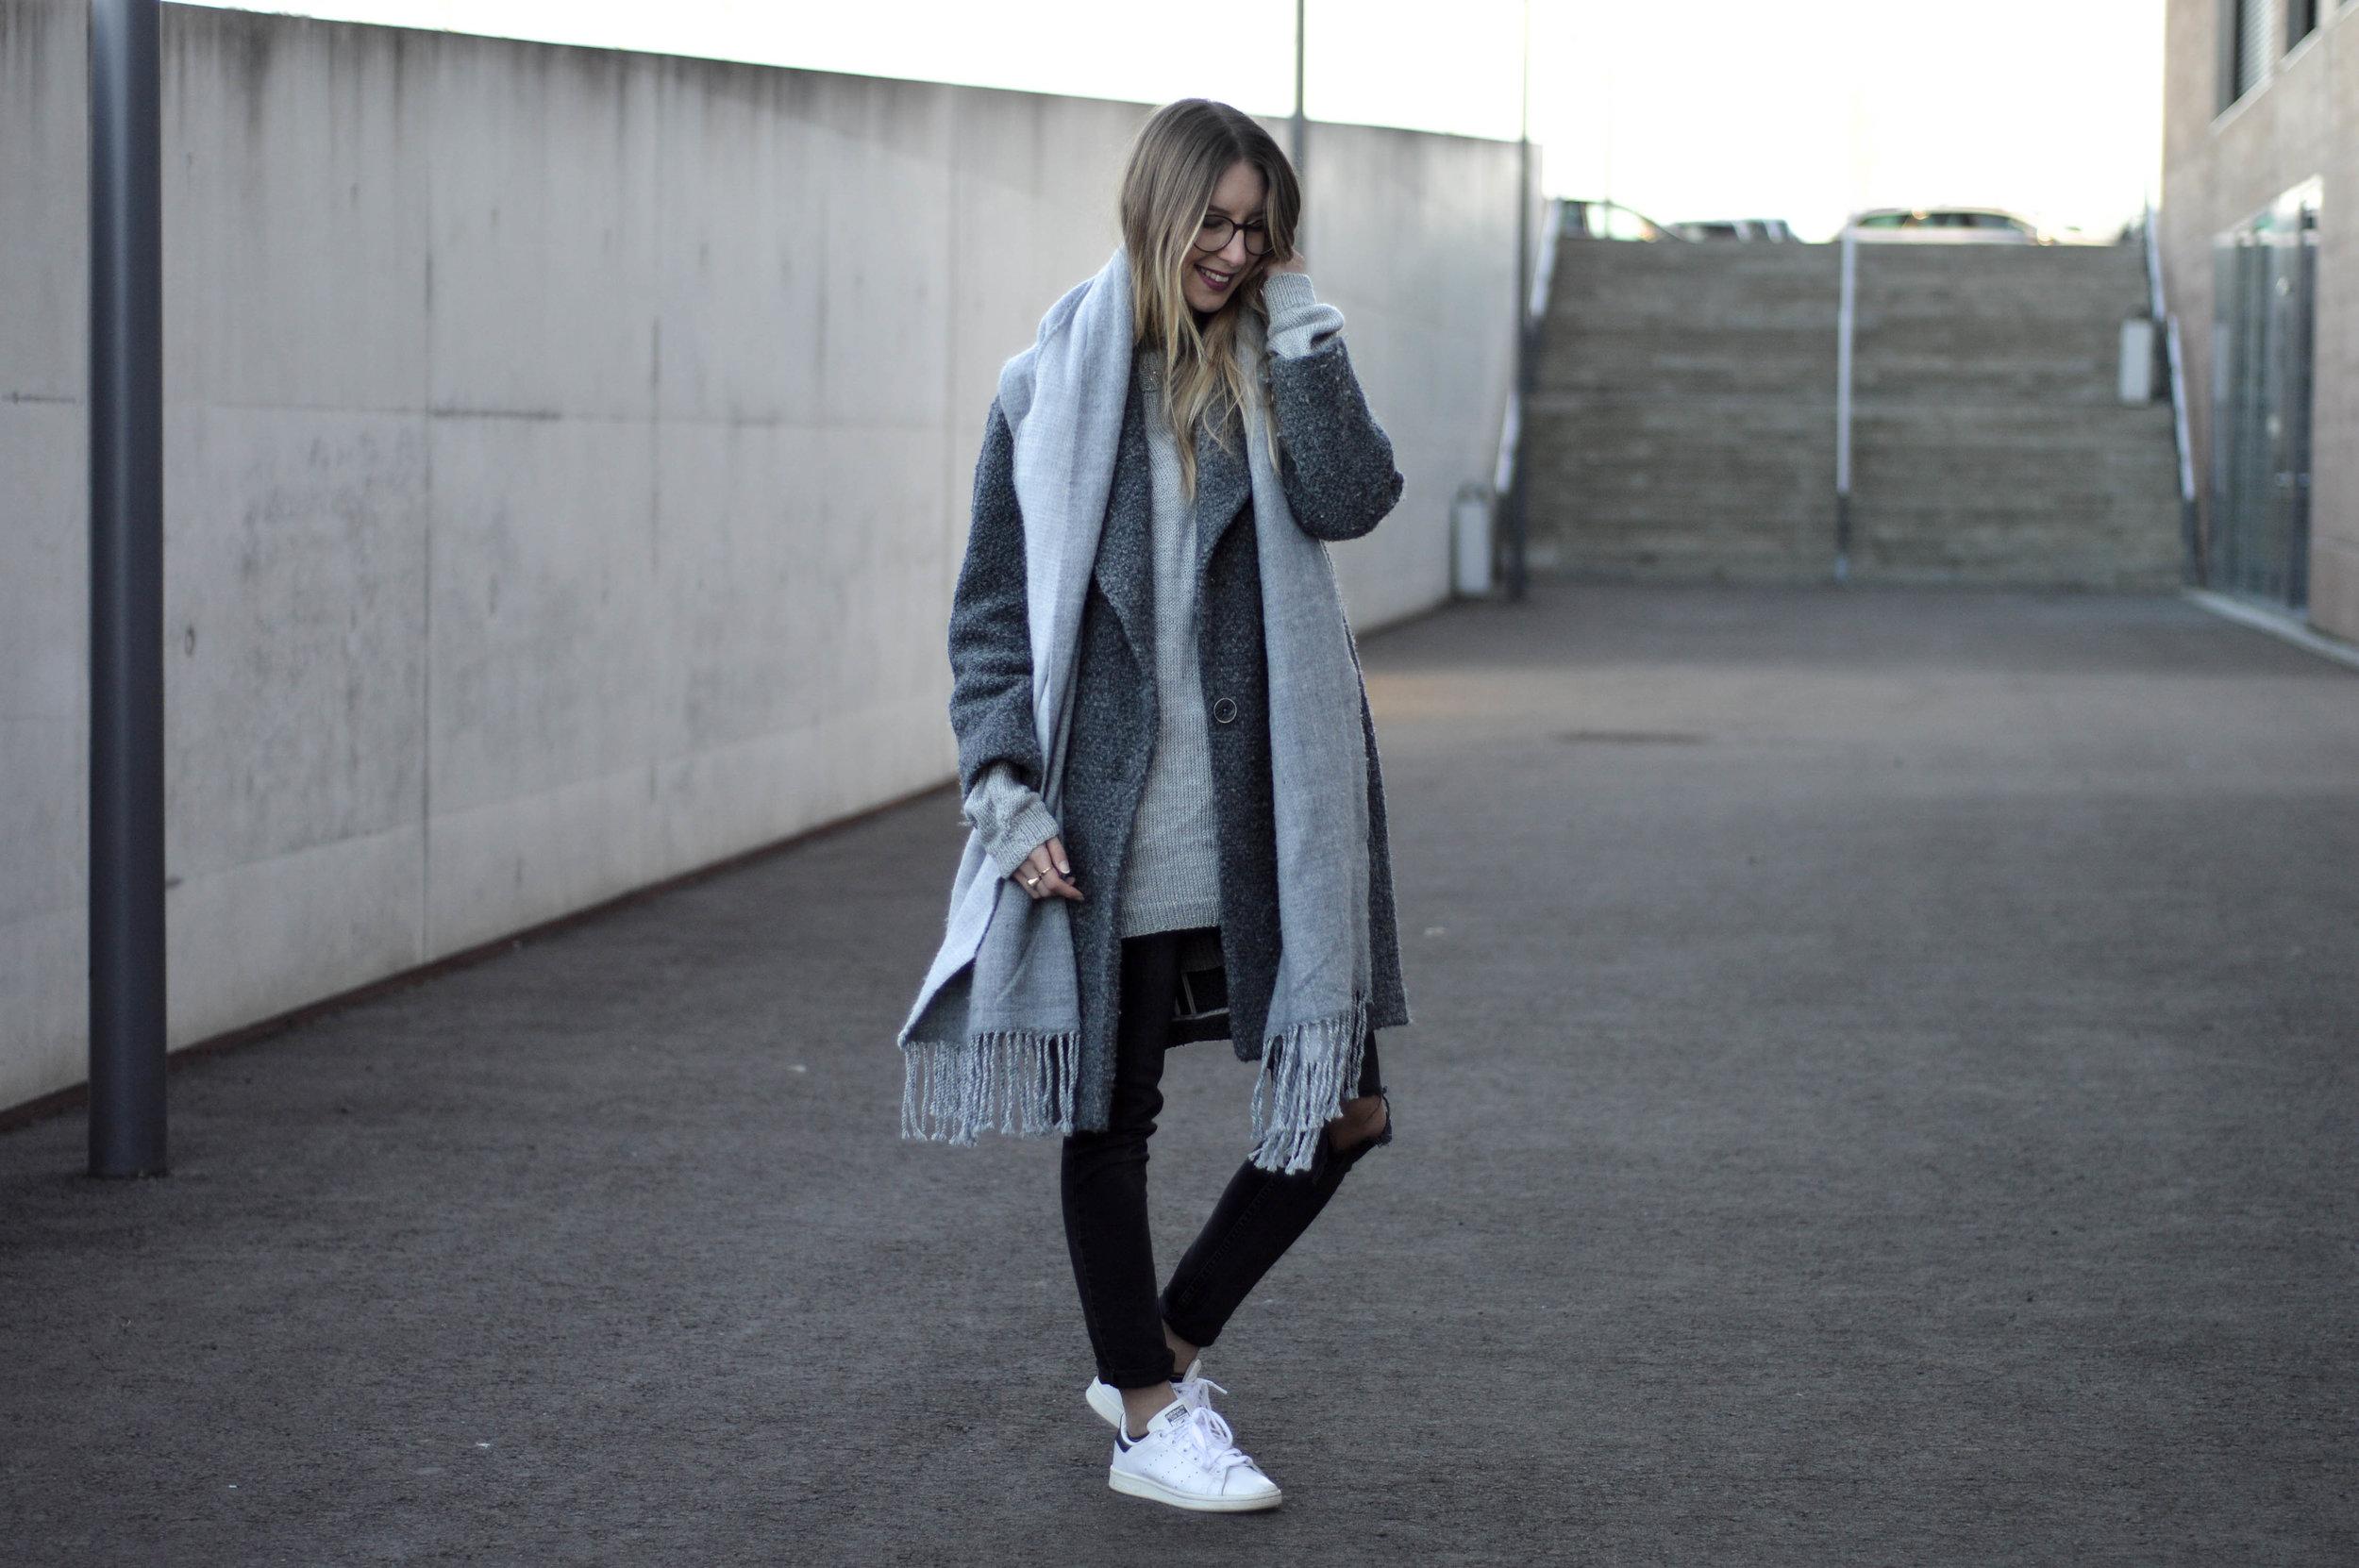 Grey Coat - OSIARAH.COM (15 of 18).jpg